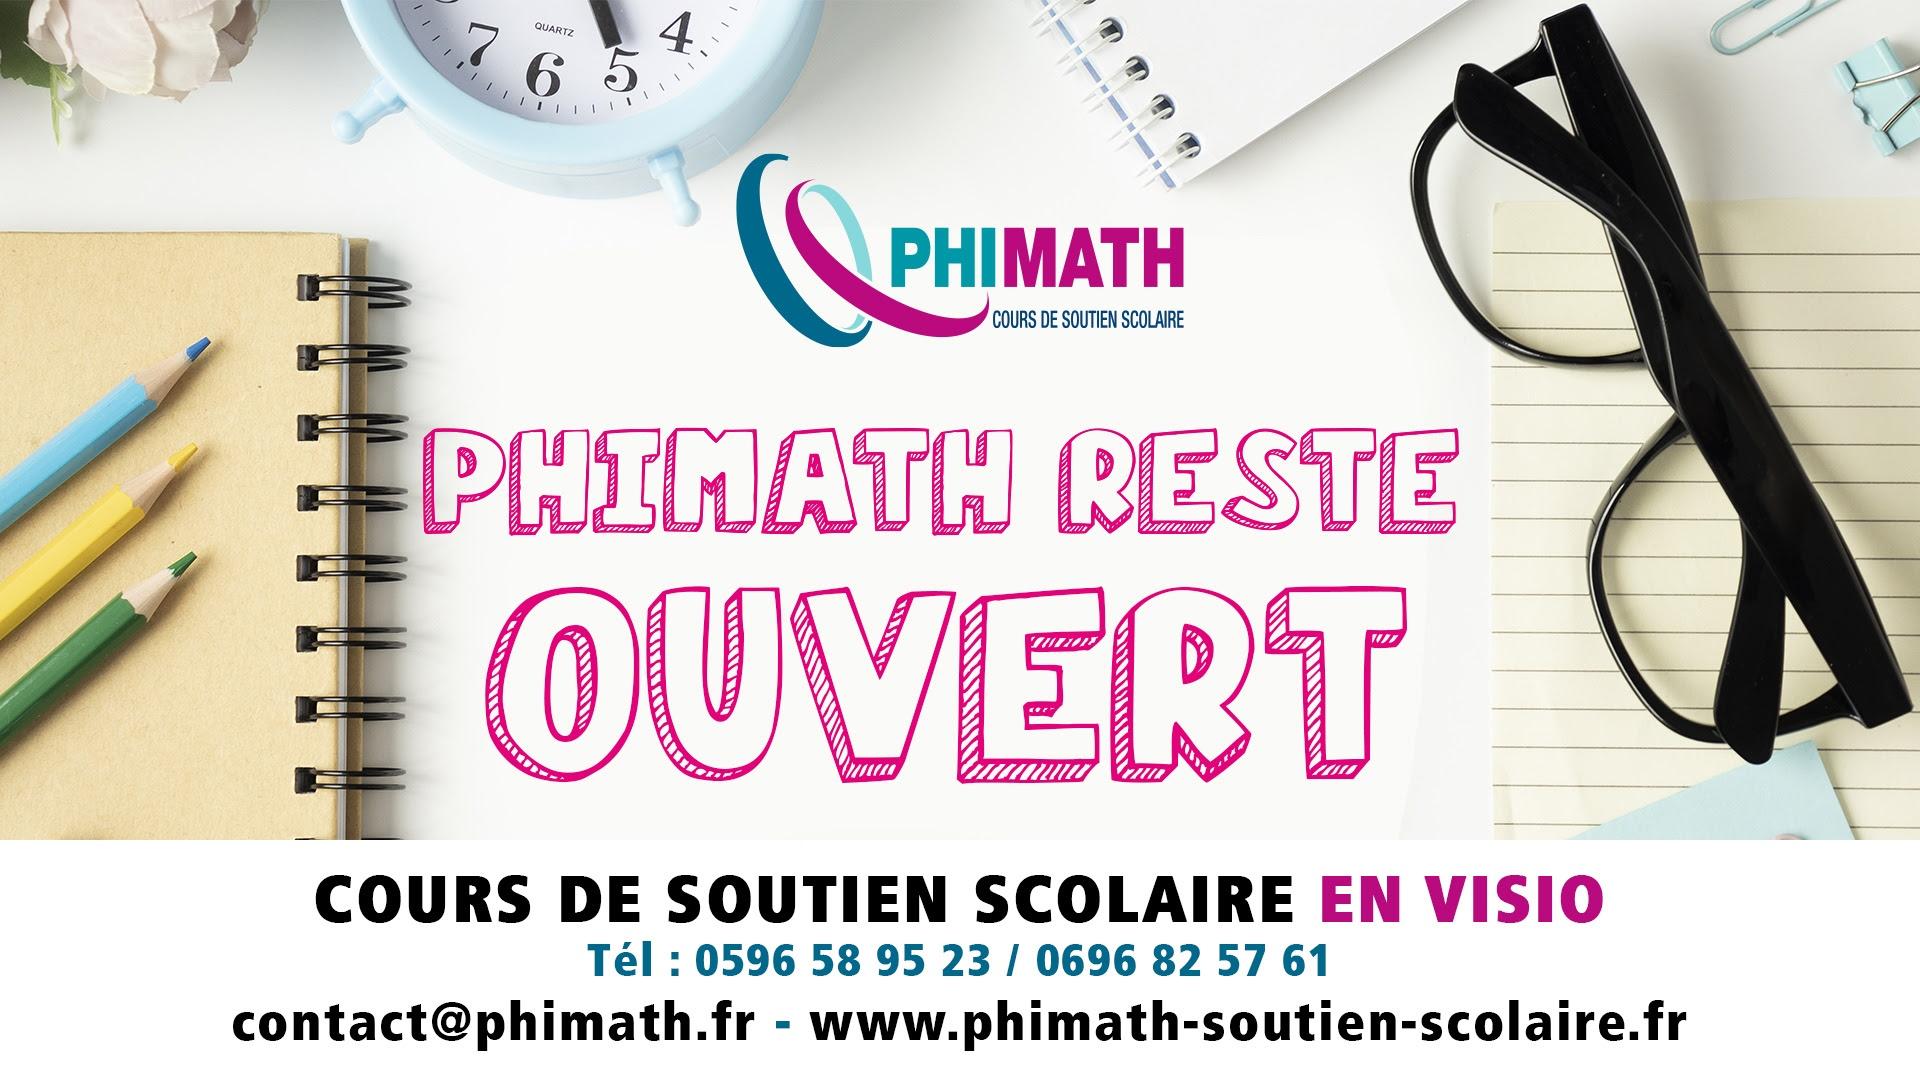 Soutien scolaire en Martinique en visio PHIMATH reste ouvert